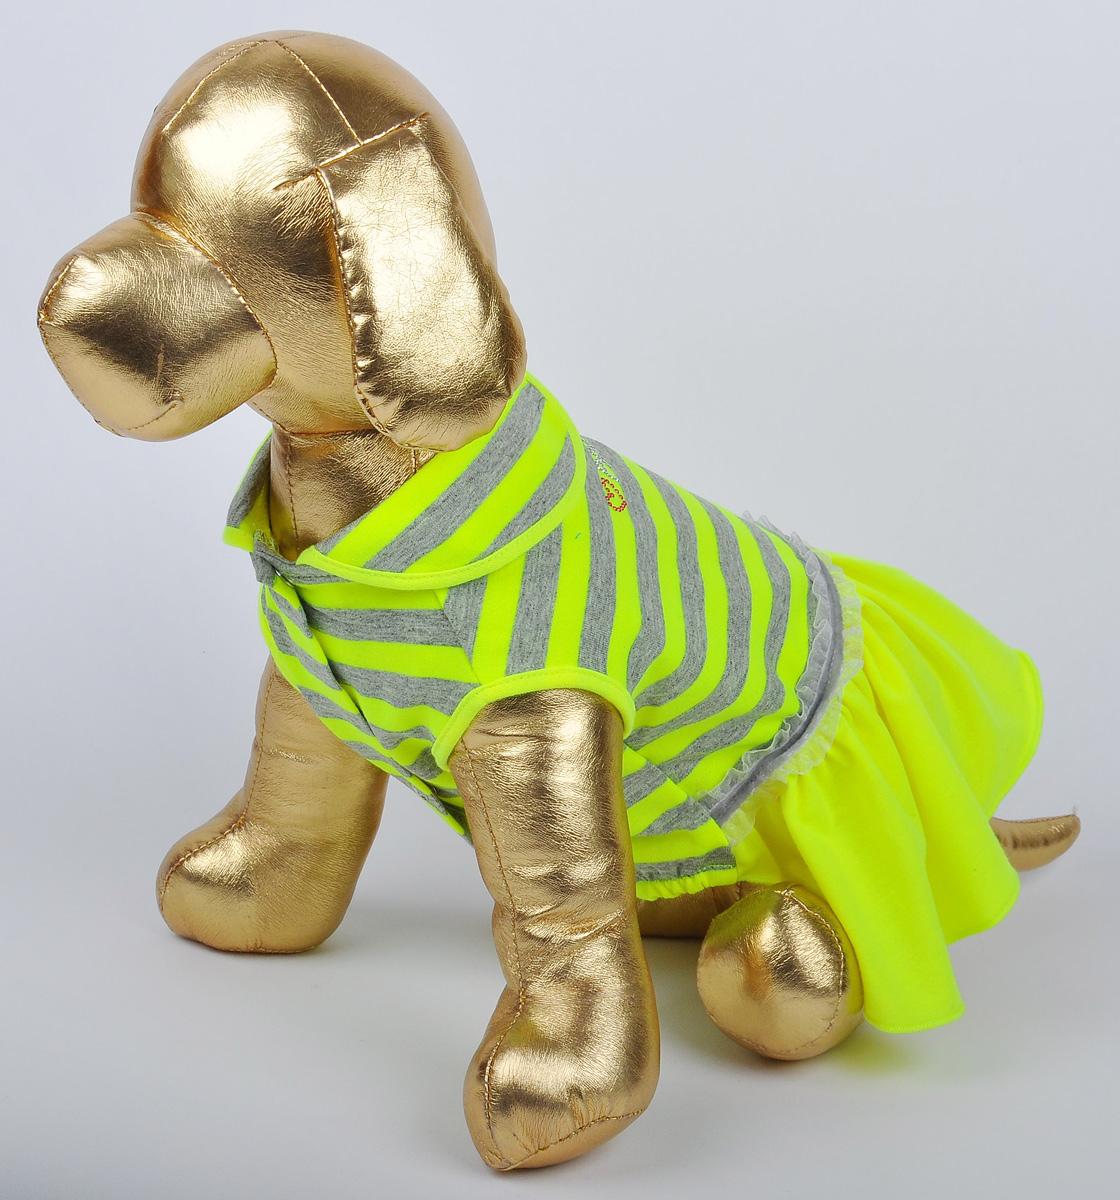 Платье для собак GLG Фэшн Ультра. Размер MMOS-006-YELLOW-MПлатье для собак GLG Фэшн Ультра выполнено из вискозы. Рукава не ограничивают свободу движений, и собачка будет чувствовать себя в нем комфортно. Изделие застегивается с помощью кнопок..Модное и невероятно удобное платье защитит вашего питомца от пыли и насекомых на улице, согреет дома или на даче.Длина спины: 27-29 смОбхват груди: 37-39 см.Одежда для собак: нужна ли она и как её выбрать. Статья OZON Гид